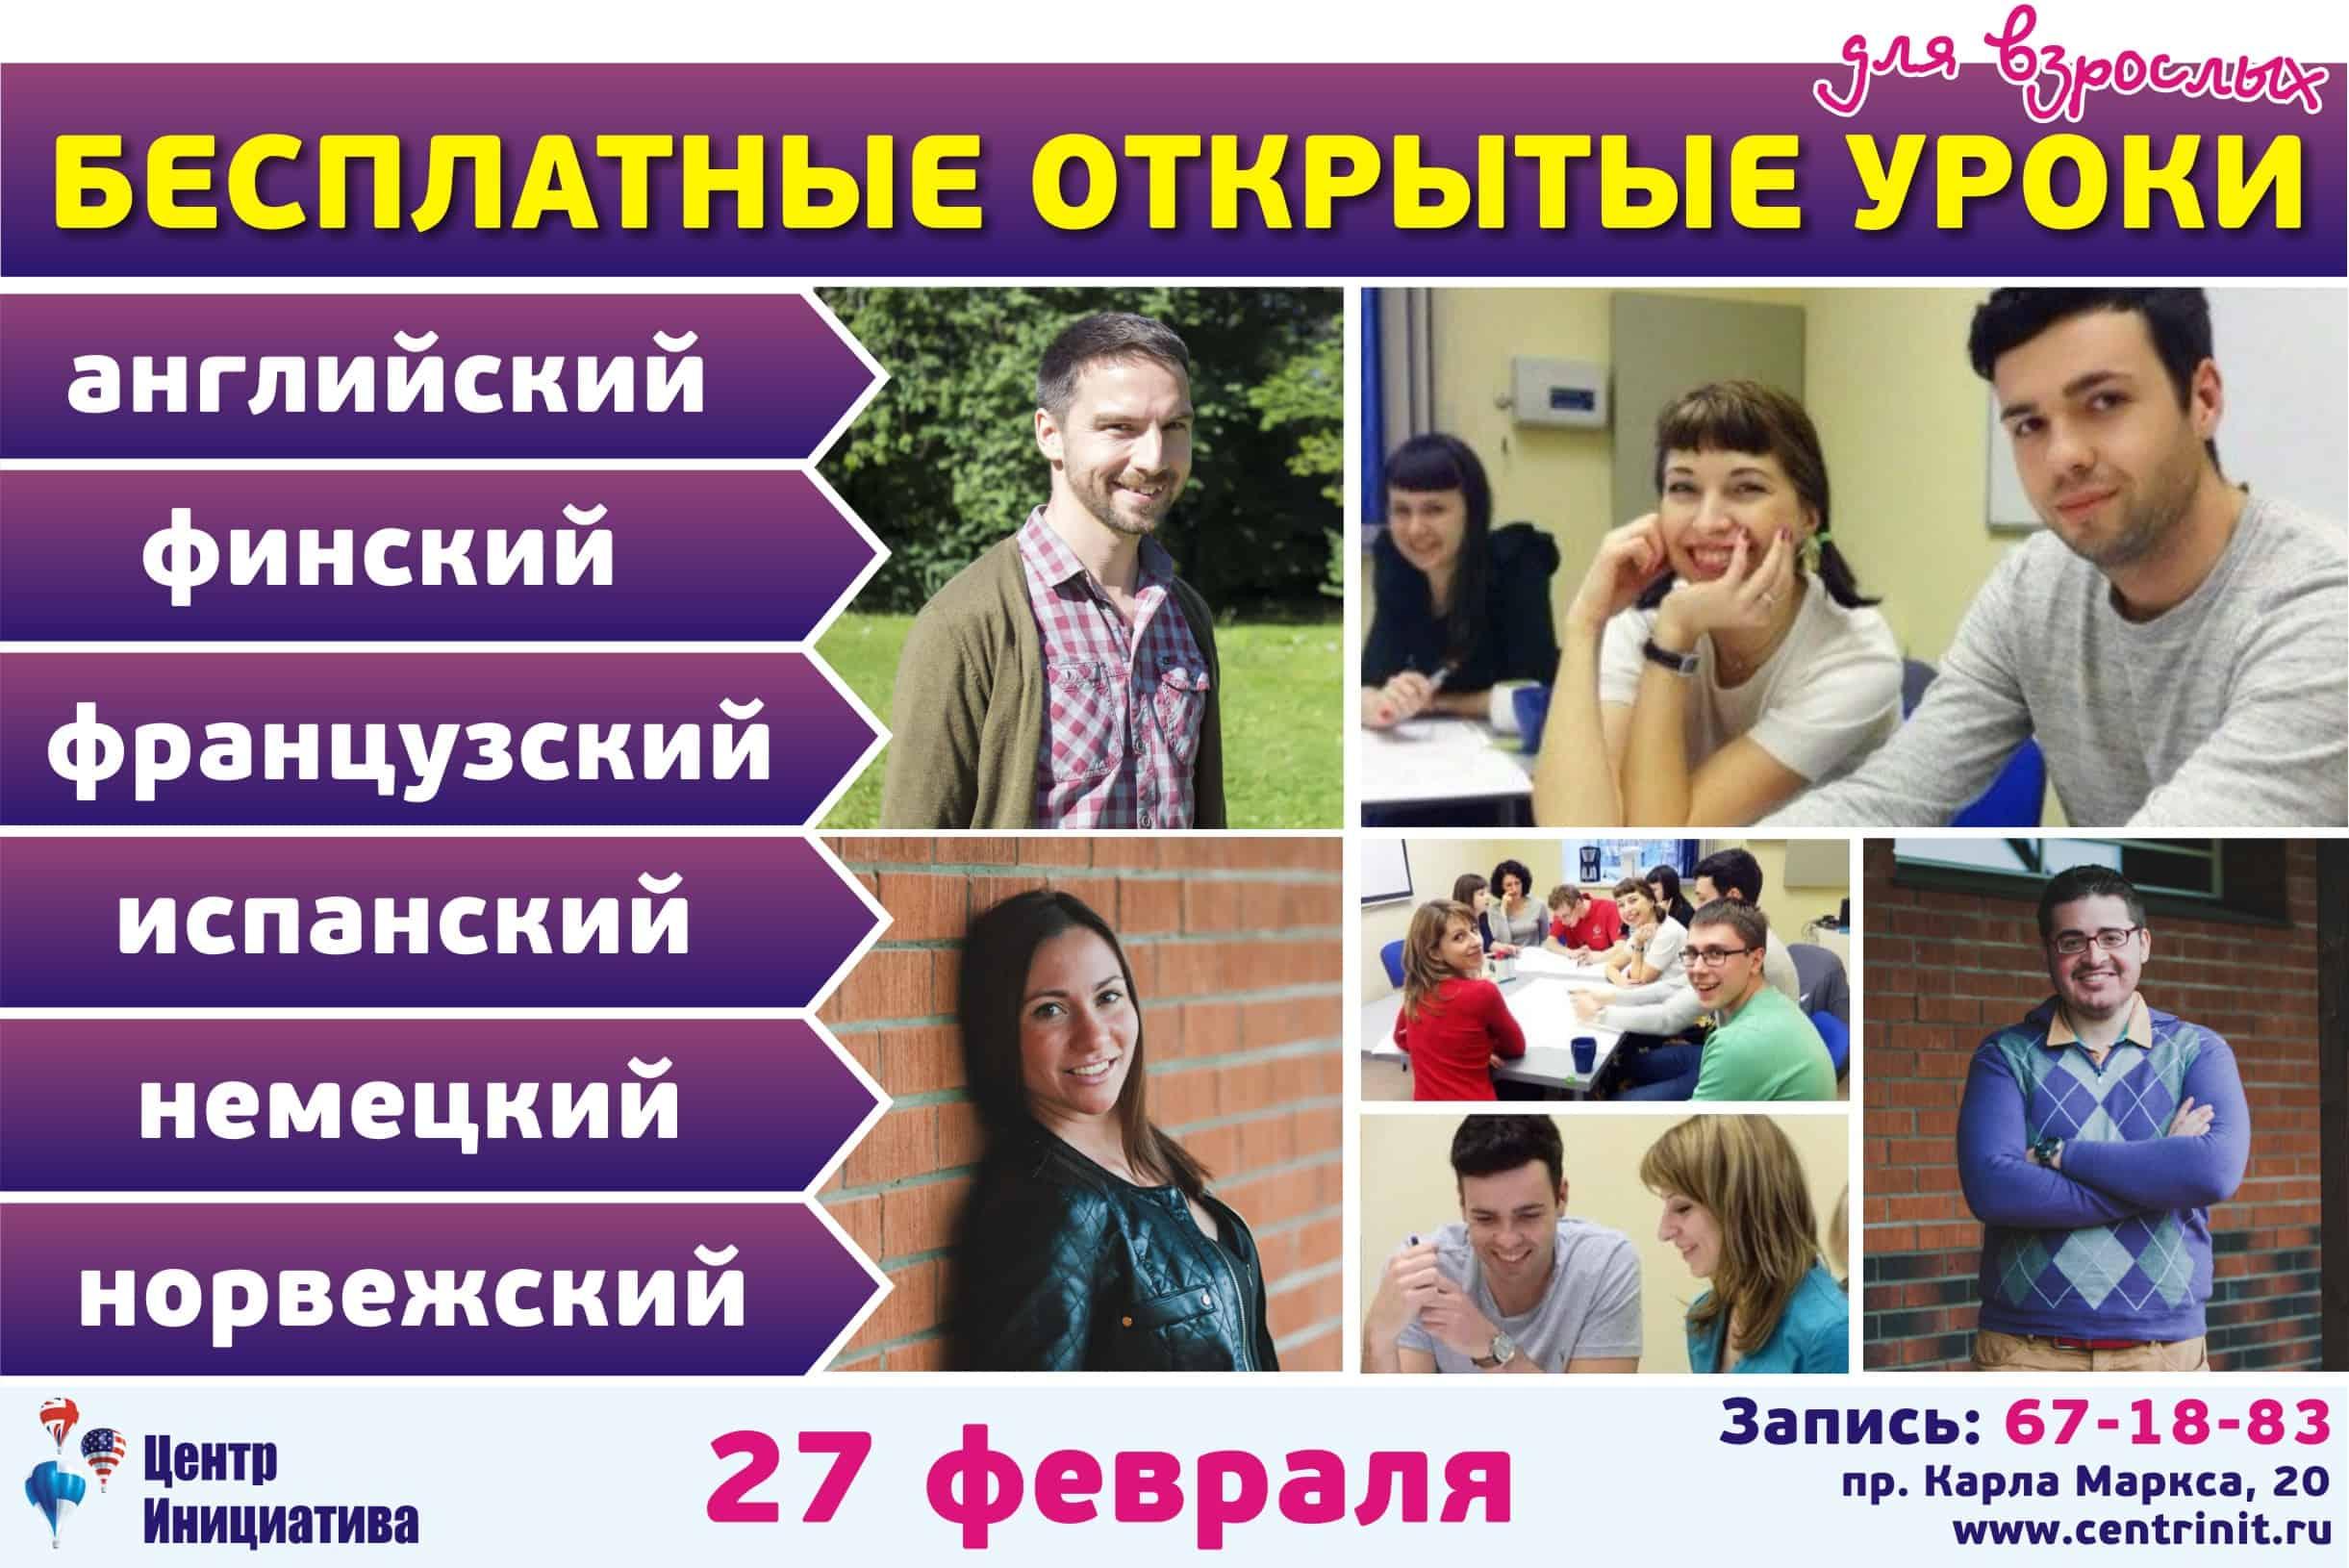 Центр «Инициатива»